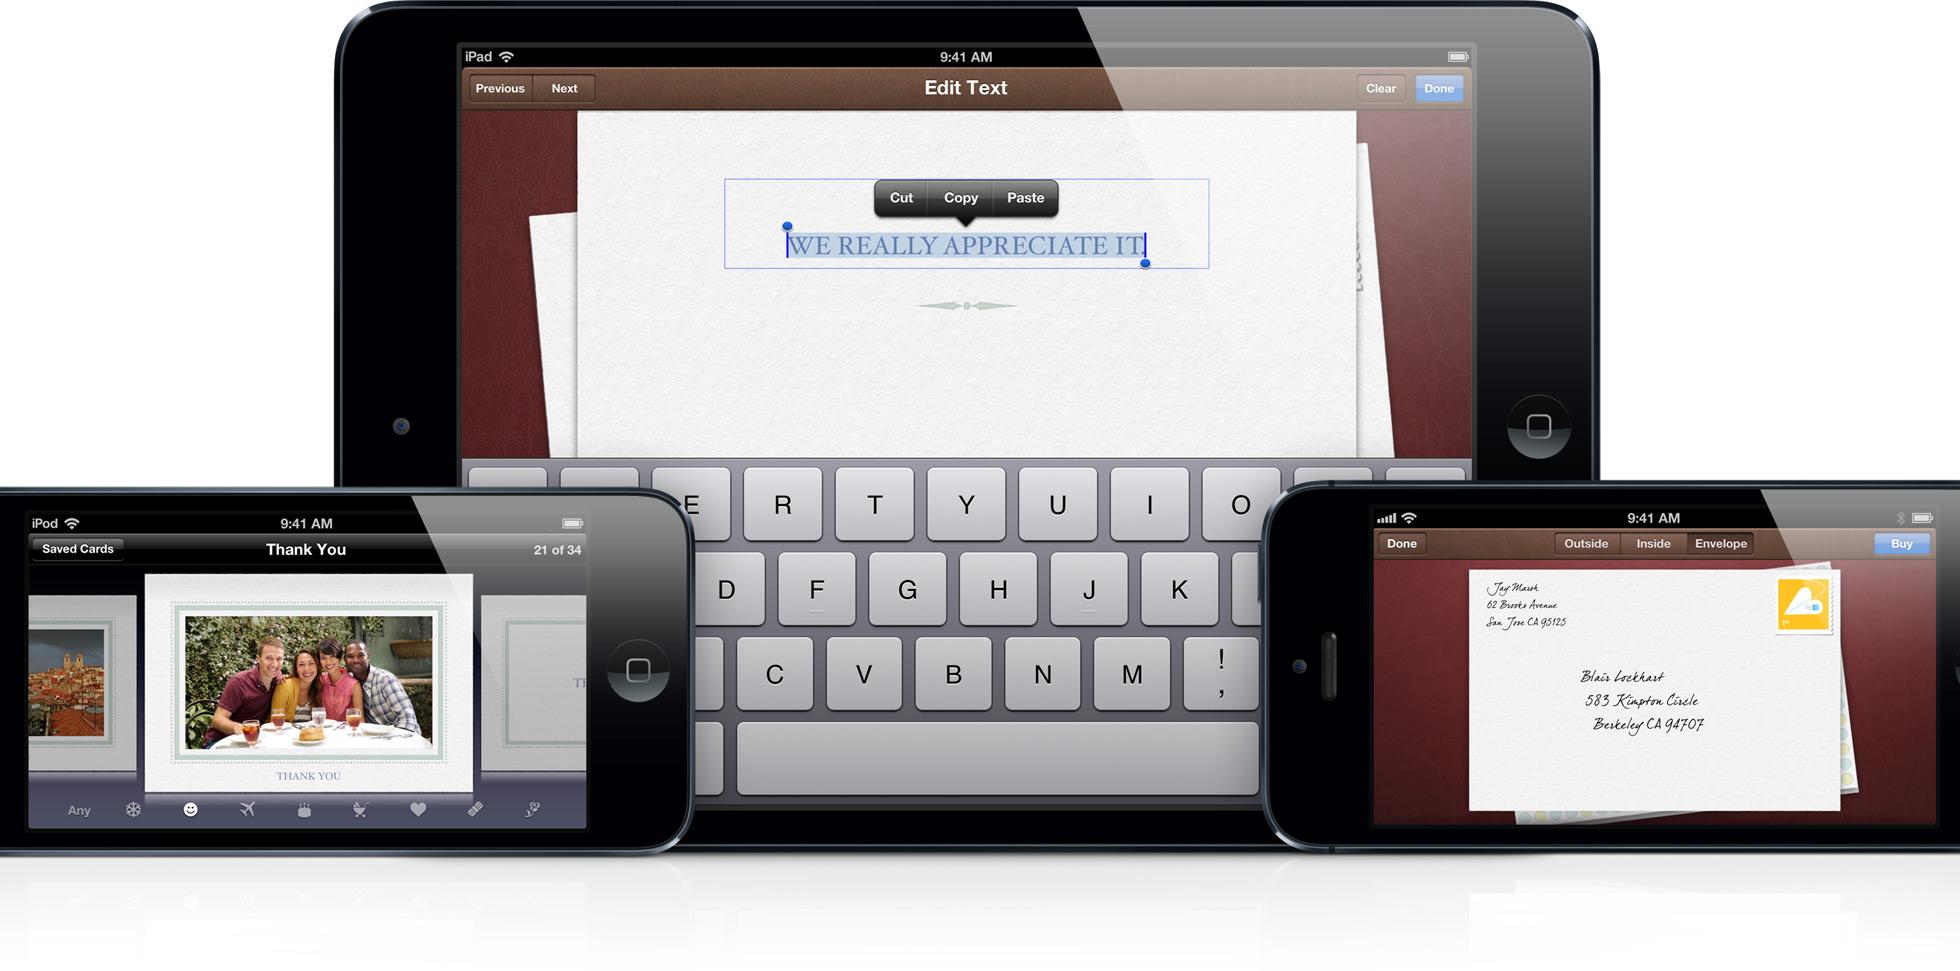 Aplicativo Cards da Apple em iGadgets